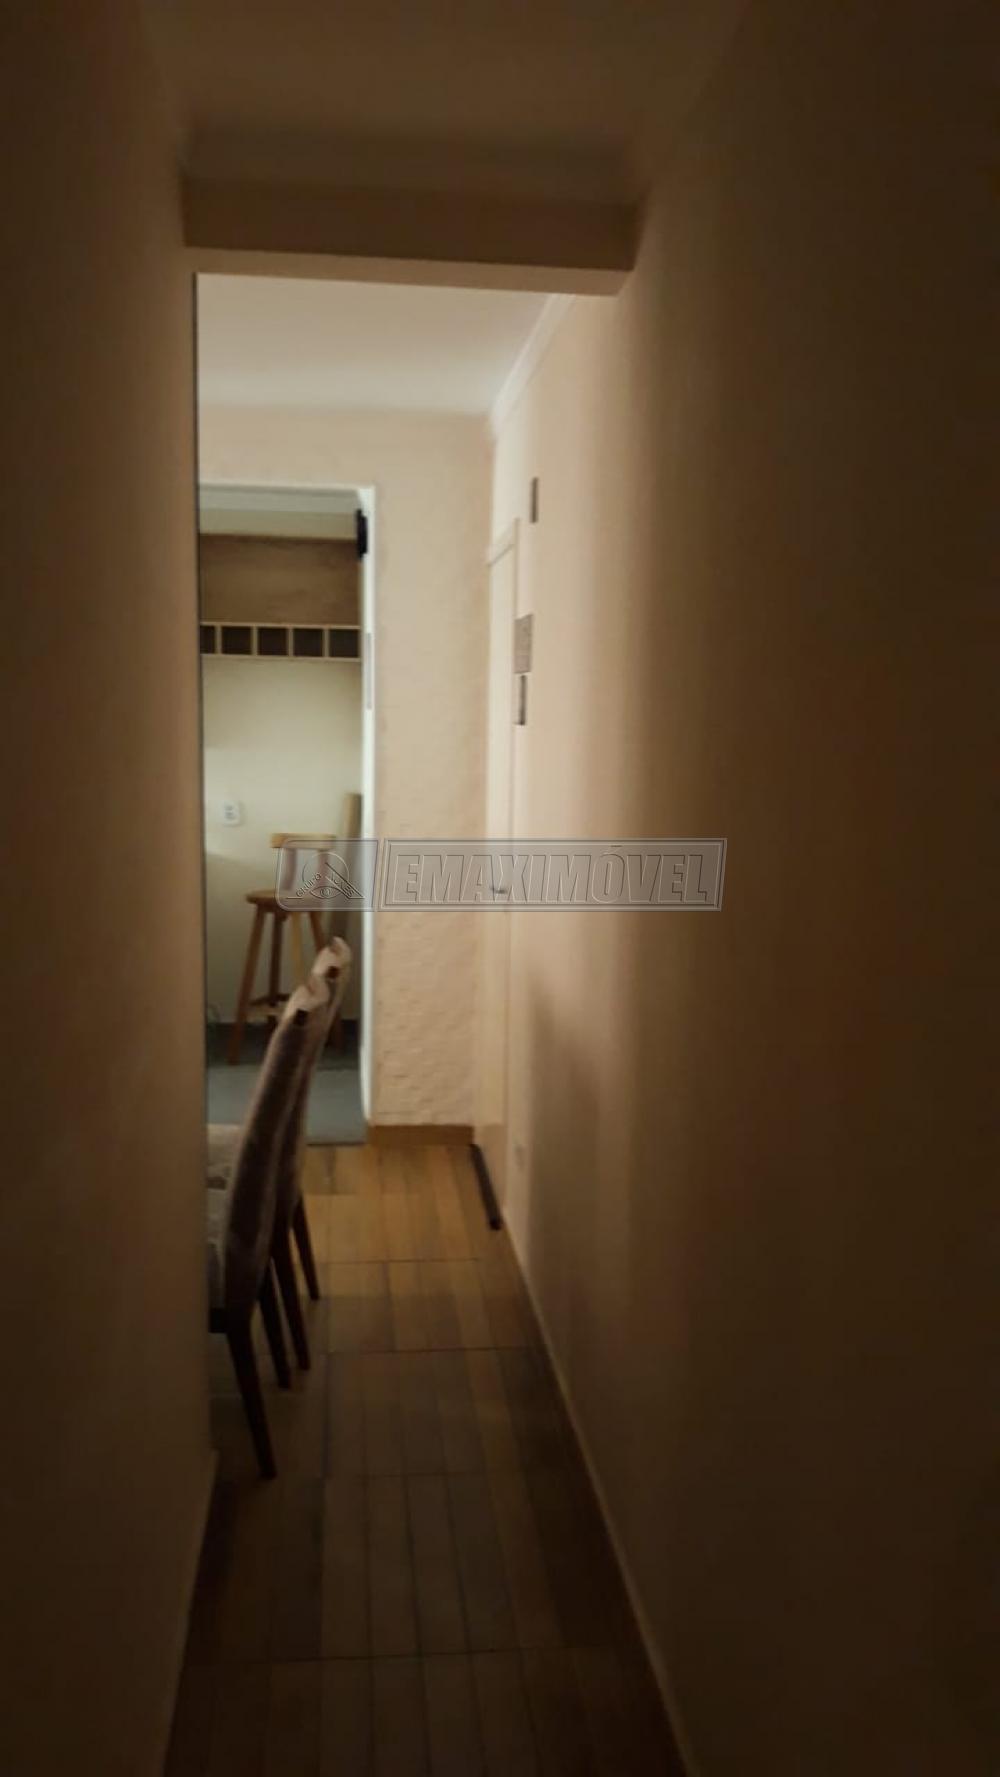 Alugar Apartamento / Padrão em Sorocaba R$ 900,00 - Foto 5